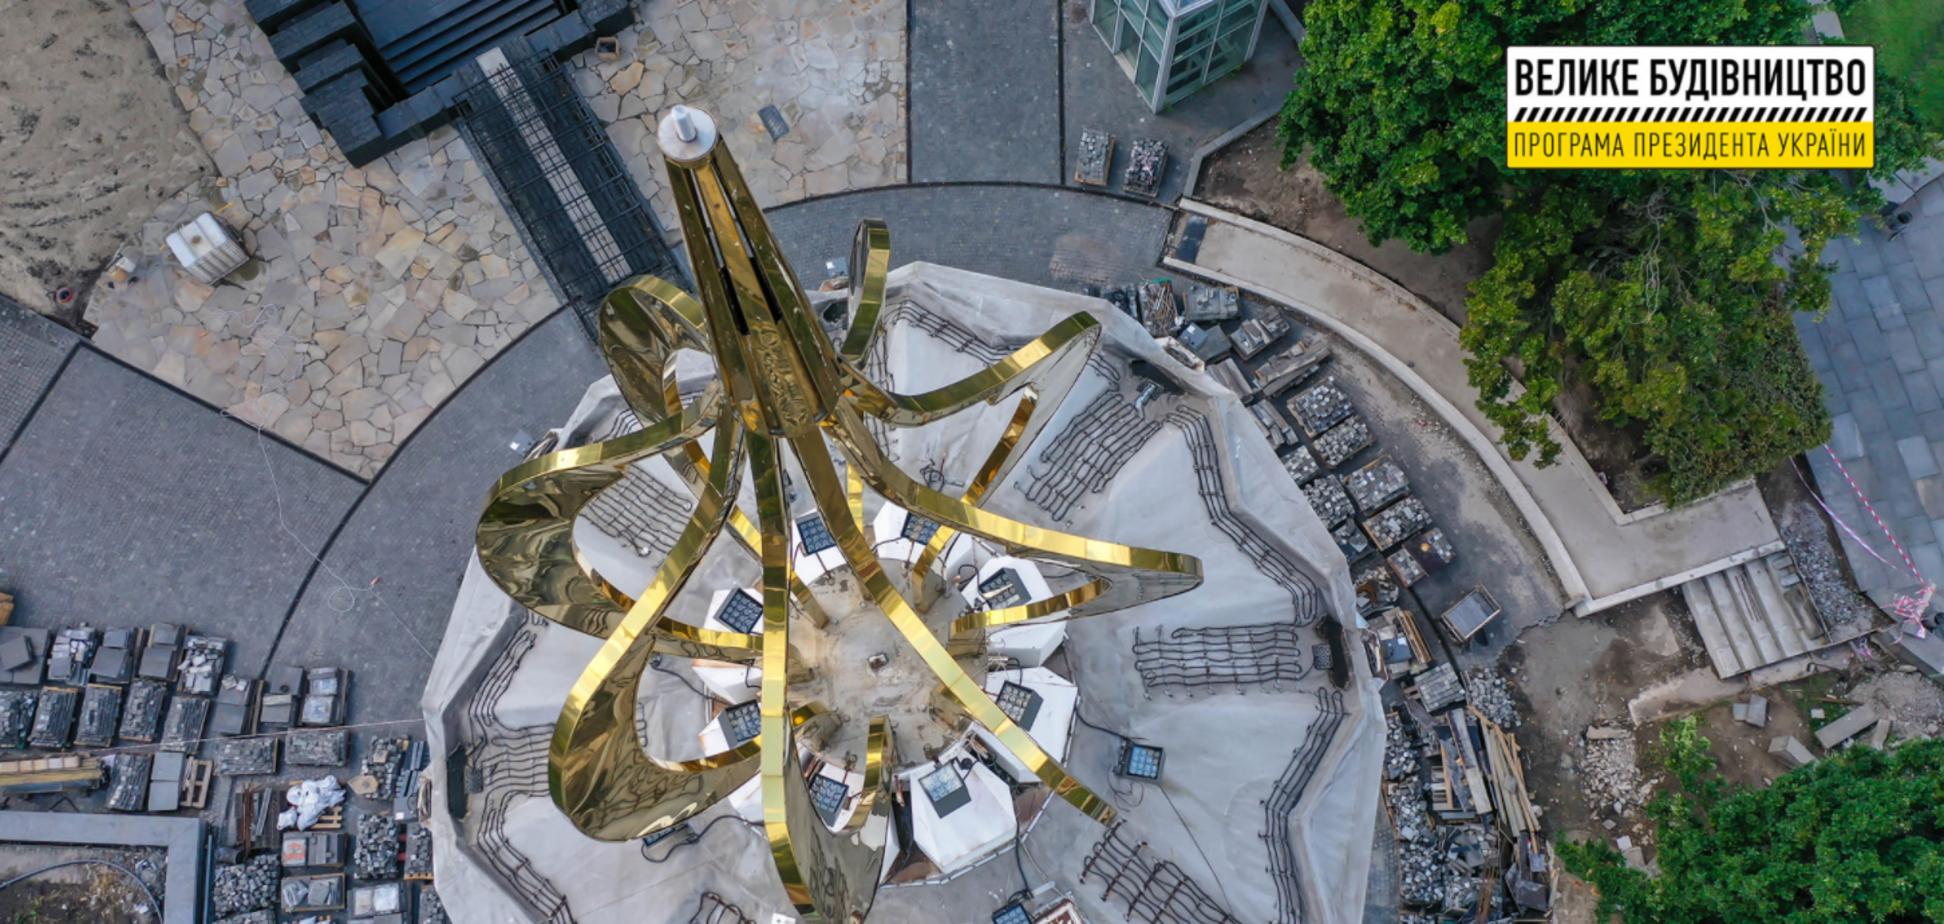 'Велике будівництво': за літо на Меморіалі жертвам Голодомору зроблено більше, ніж за попередні роки